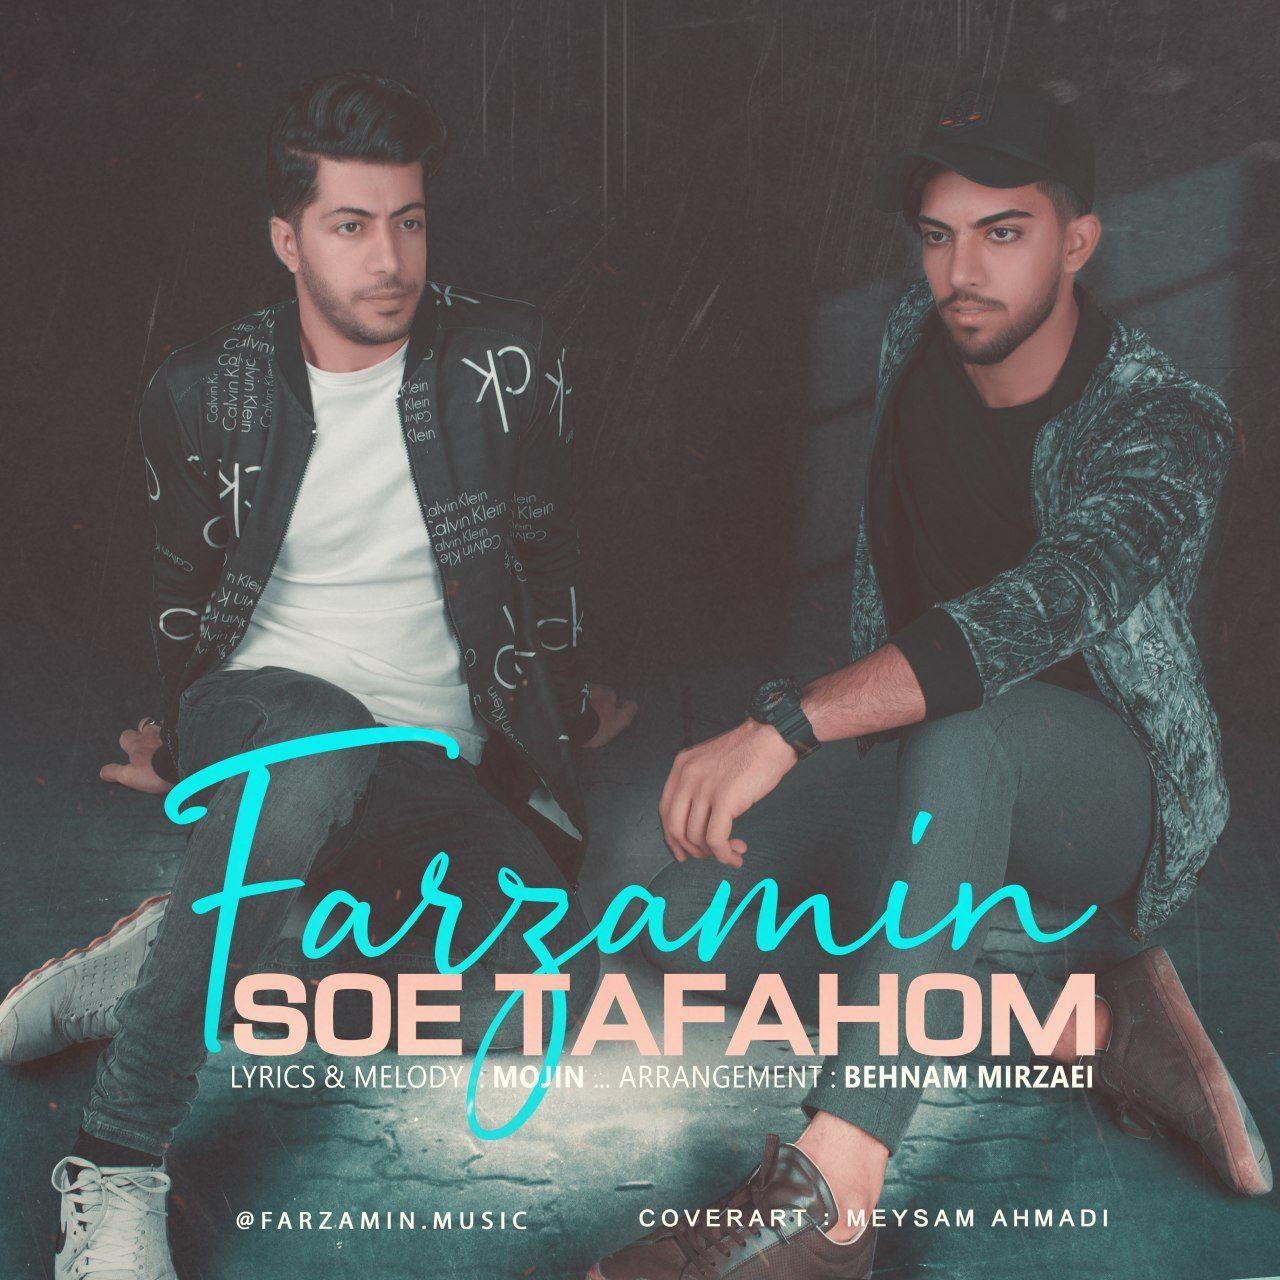 Farzamin - Soe Tafahom